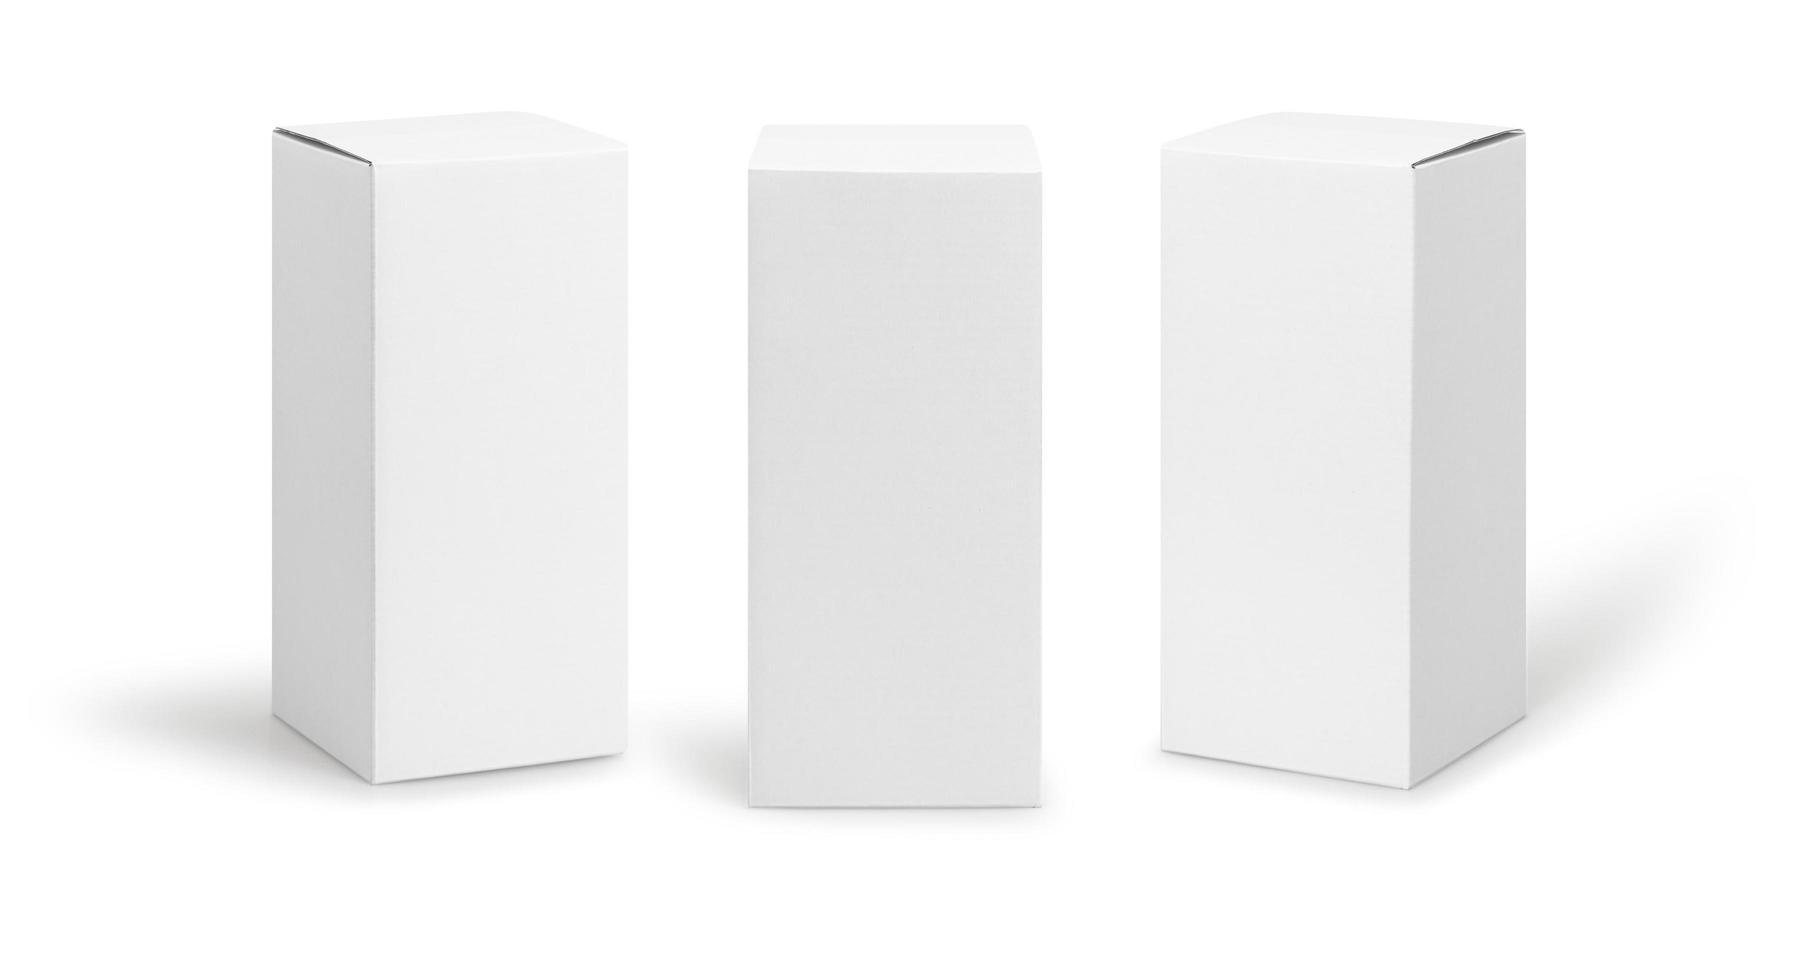 vita lådor isolerad på vit bakgrund foto